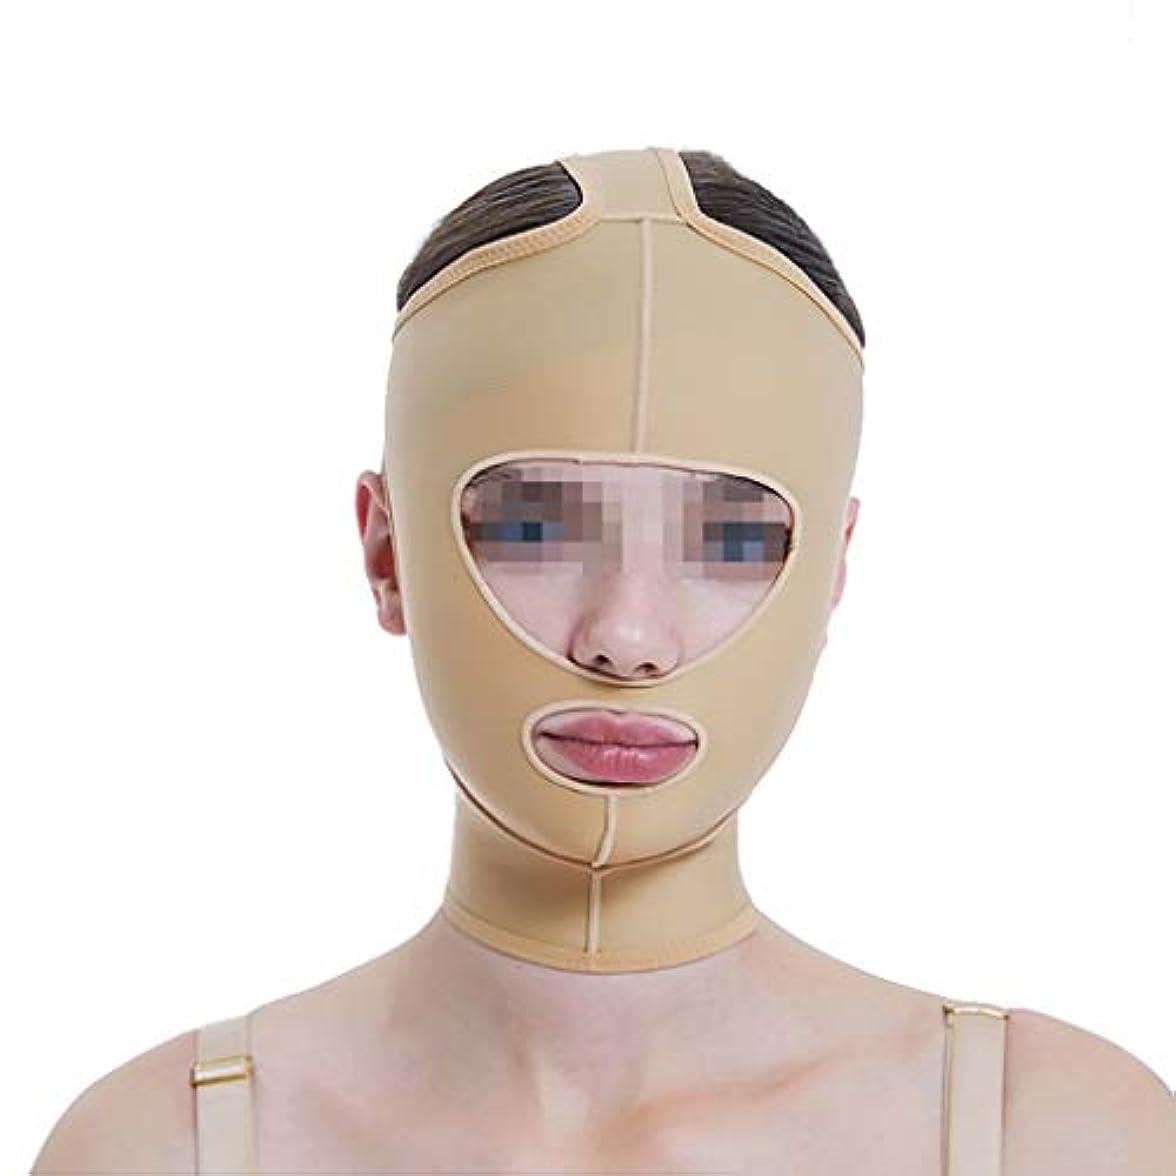 未使用ホイール地域のフェイスリフトマスク、ラインカービングフェイス弾性セットシンダブルチンVフェイスビームフェイスマルチサイズオプション (Size : M)